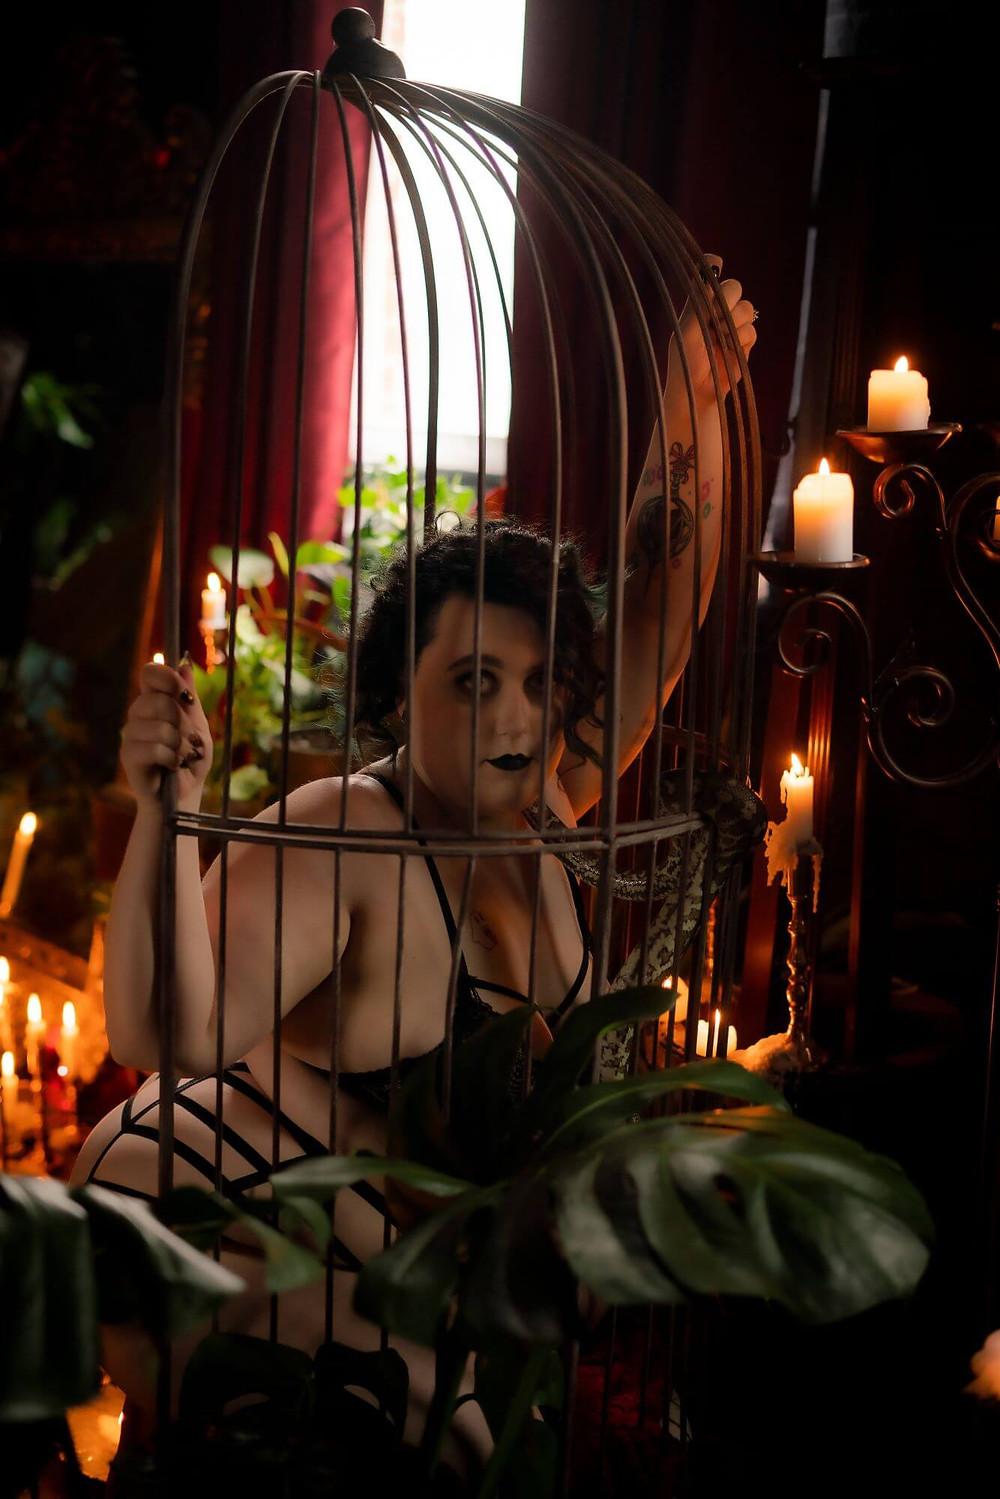 edgy boudoir photography near me